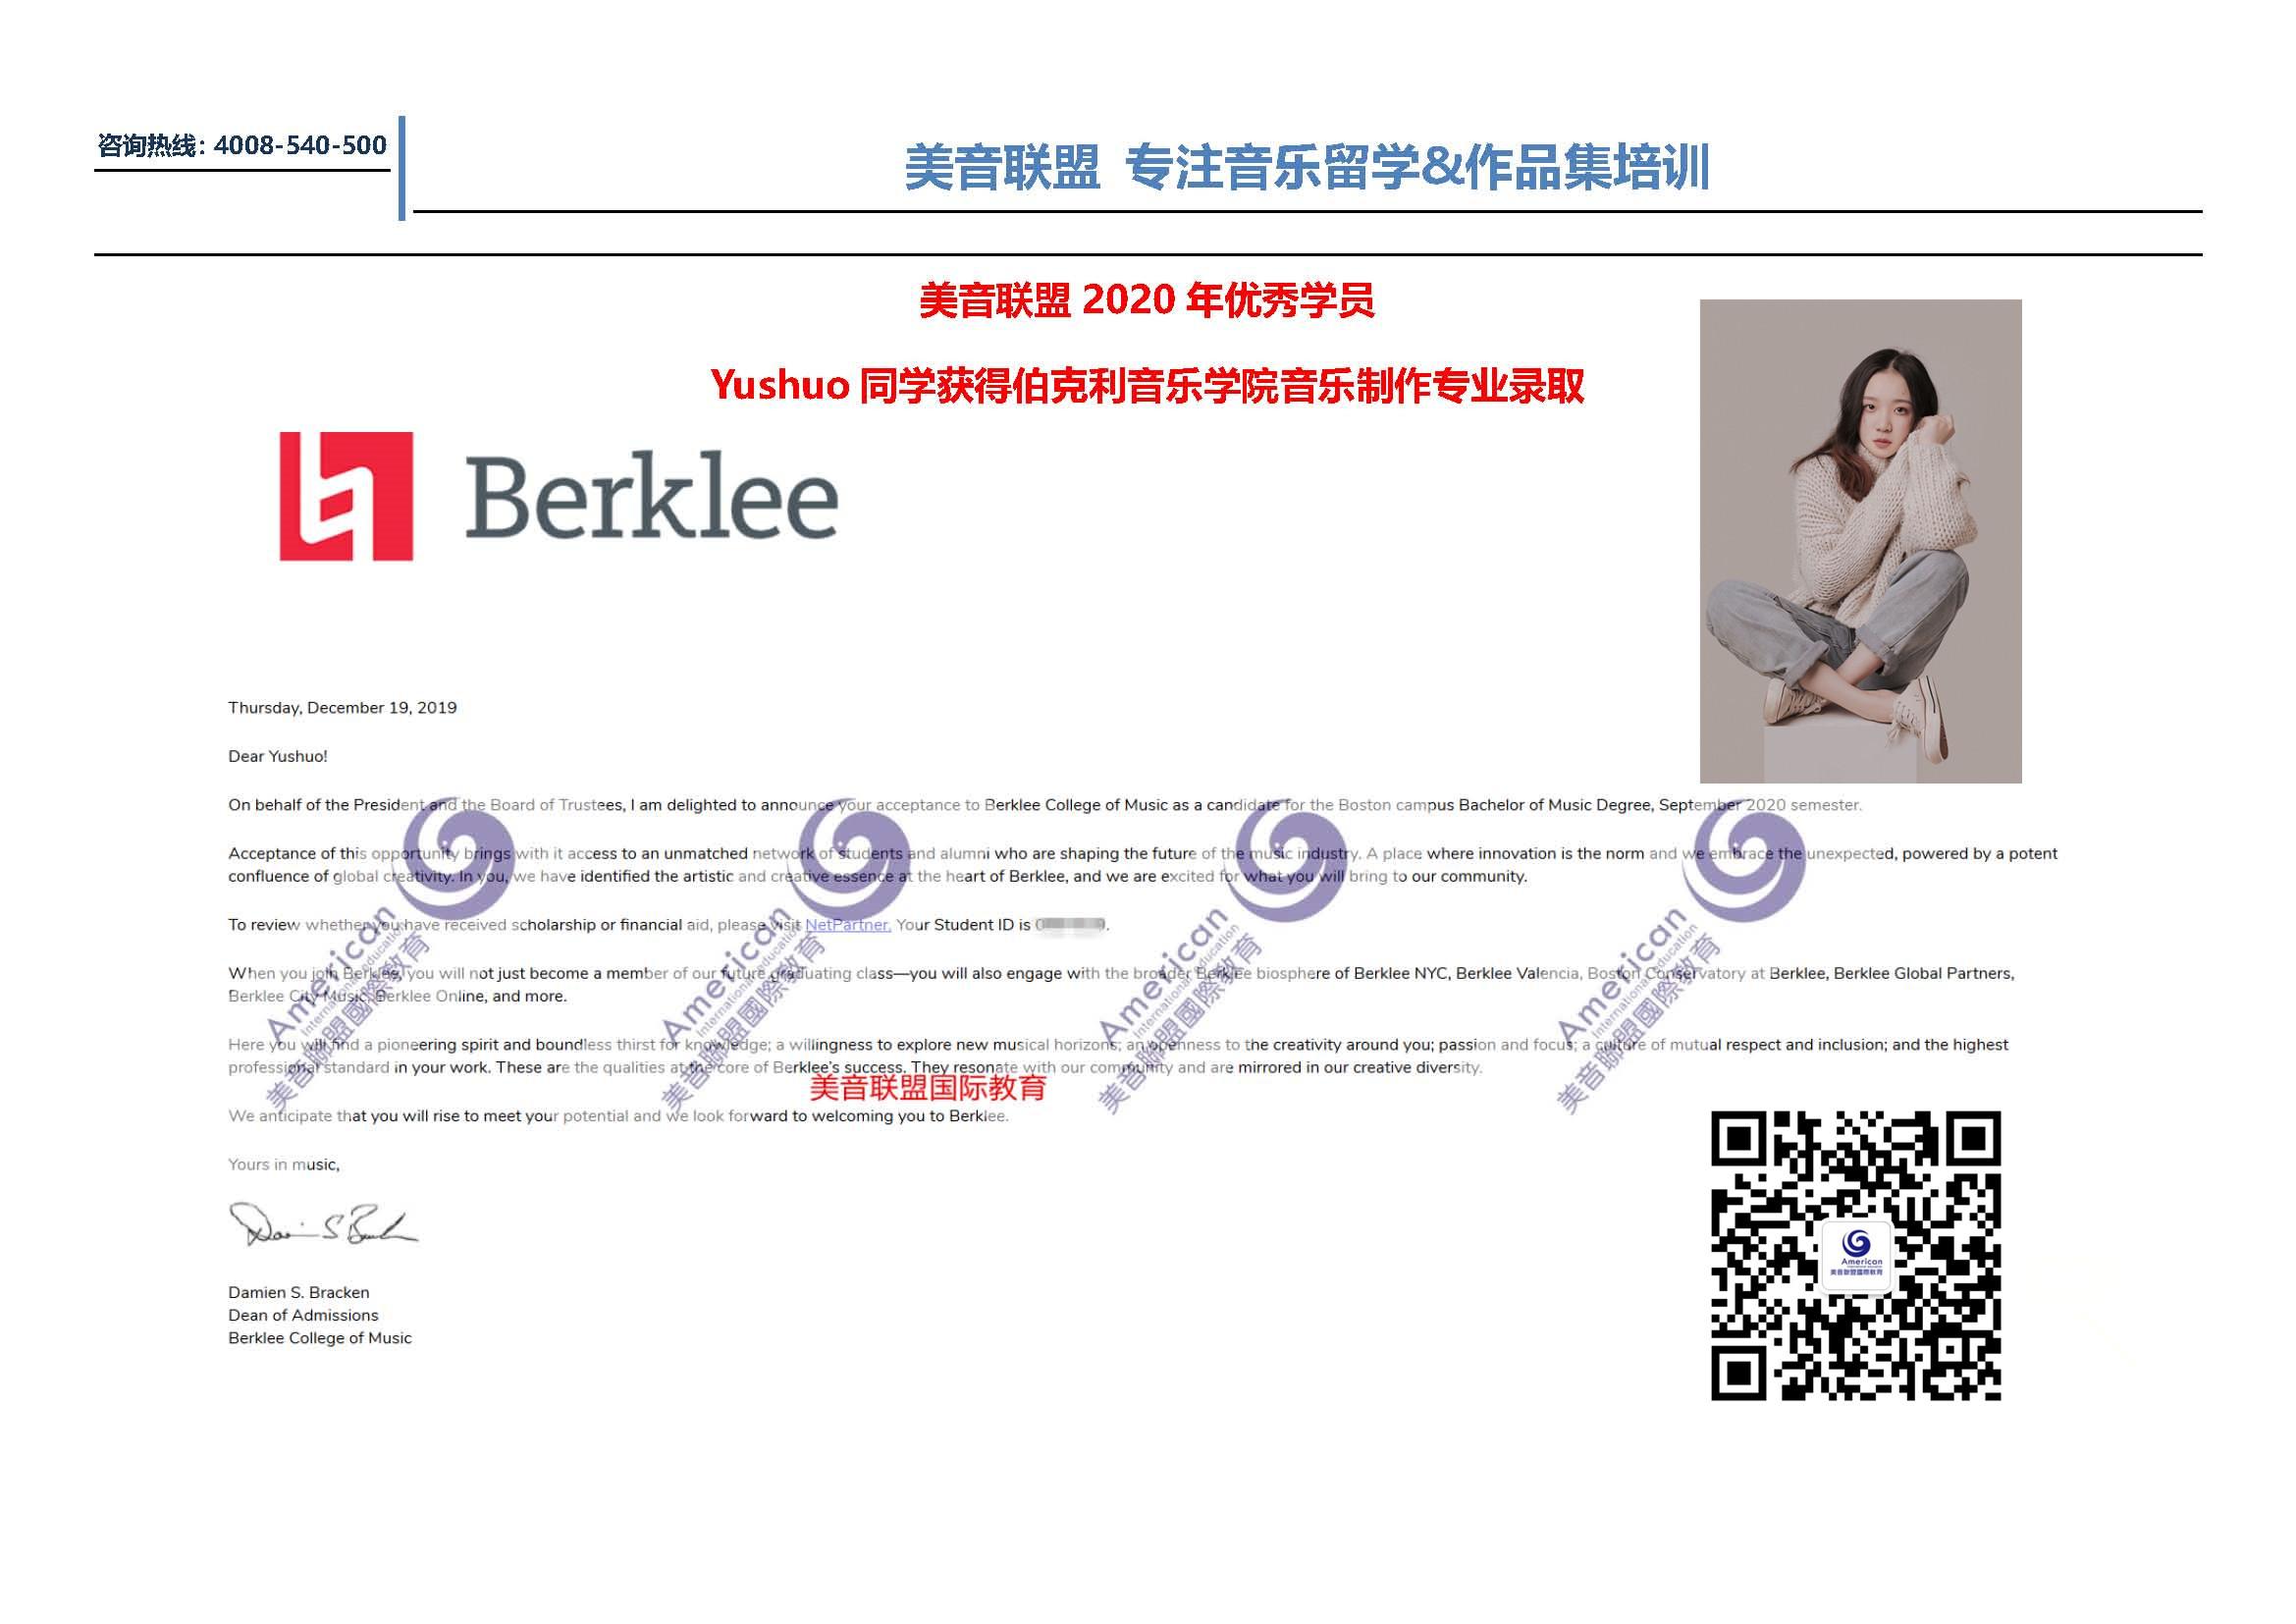 美音联盟2020优秀学员Yushuo同学成功录取伯克利音乐制作专业